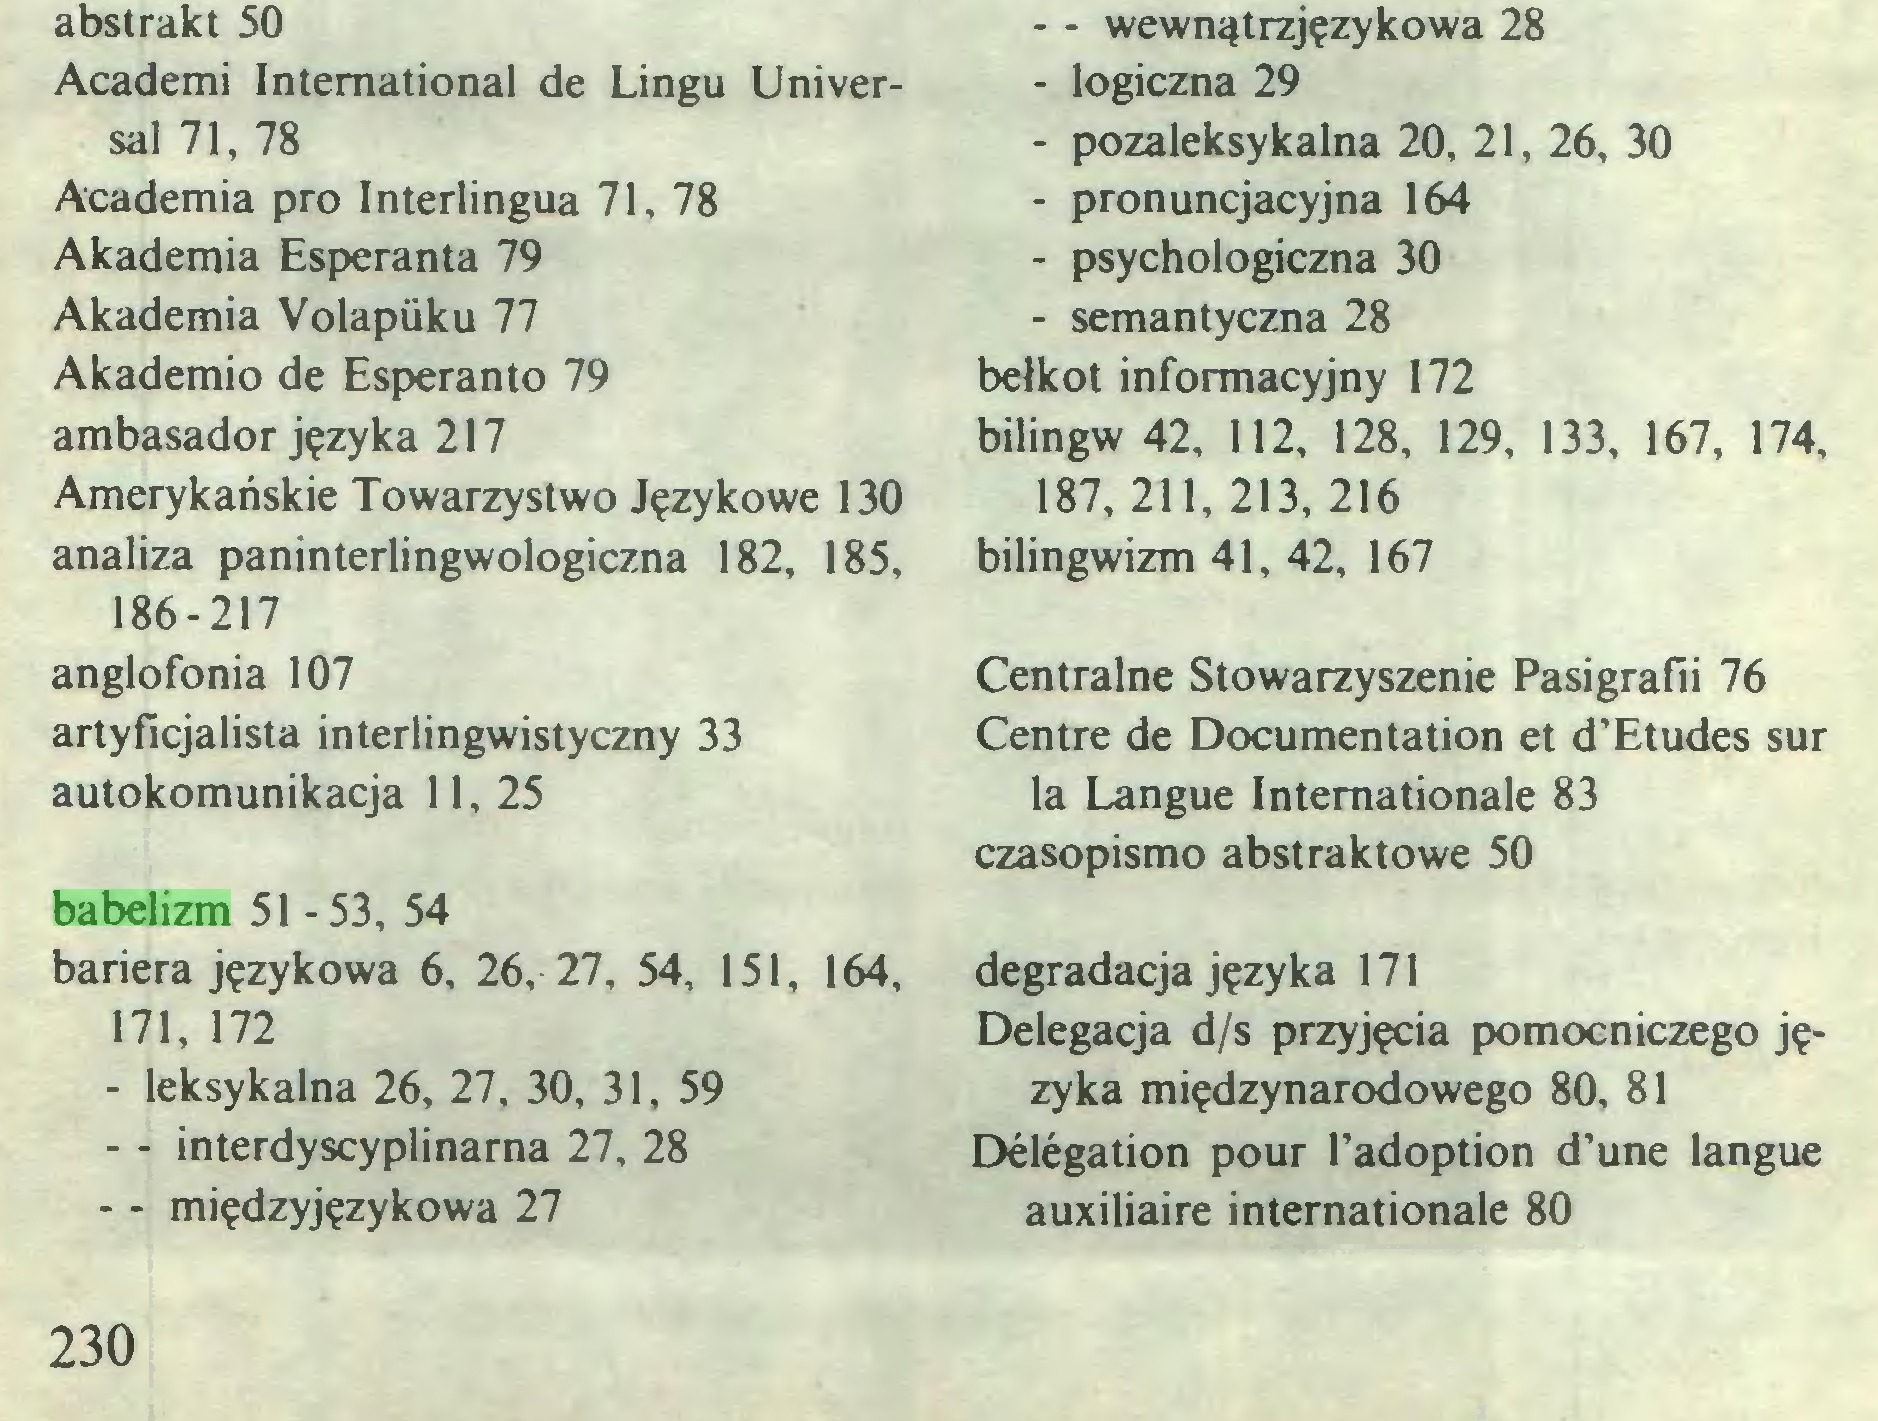 (...) babelizm 51-53, 54 bariera językowa 6, 26, 27, 54, 151, 164, 171, 172 - leksykalna 26, 27, 30, 31, 59 - - interdyscyplinarna 27, 28 - - międzyjęzykowa 27 - - wewnątrzjęzykowa 28 - logiczna 29 - pozaleksykalna 20, 21, 26, 30 - pronuncjacyjna 164 - psychologiczna 30 - semantyczna 28 bełkot informacyjny 172 bilingw 42, 112, 128, 129, 133, 167, 174, 187, 211, 213, 216 bilingwizm 41, 42, 167 Centralne Stowarzyszenie Pasigrafii 76 Centre de Documentation et d'Etudes sur la Langue Internationale 83 czasopismo abstraktowe 50 degradacja języka 171 Delegacja d/s przyjęcia pomocniczego języka międzynarodowego 80, 81 Délégation pour l'adoption d'une langue auxiliaire internationale 80 230...